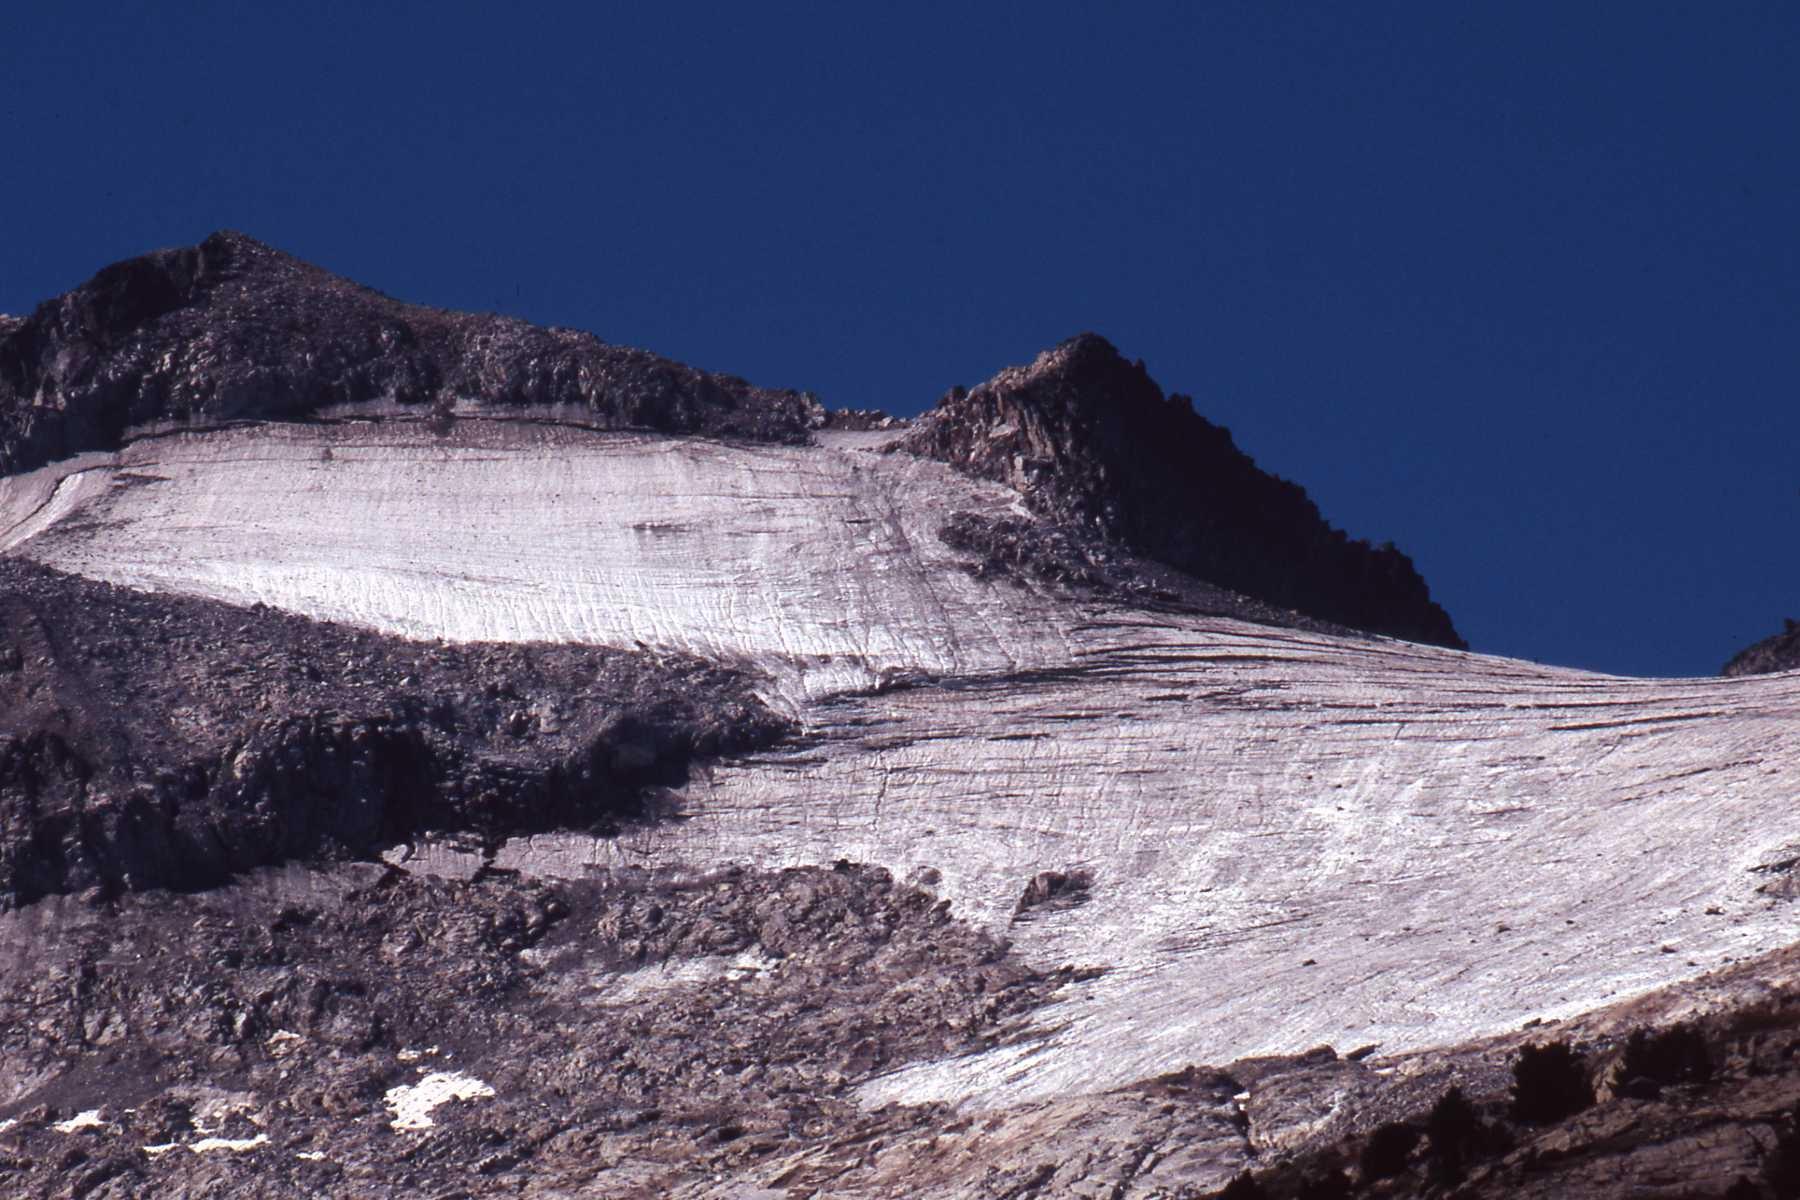 Situació de la glacera de l'Aneto fa 4 anys, a l'estiu del 2005